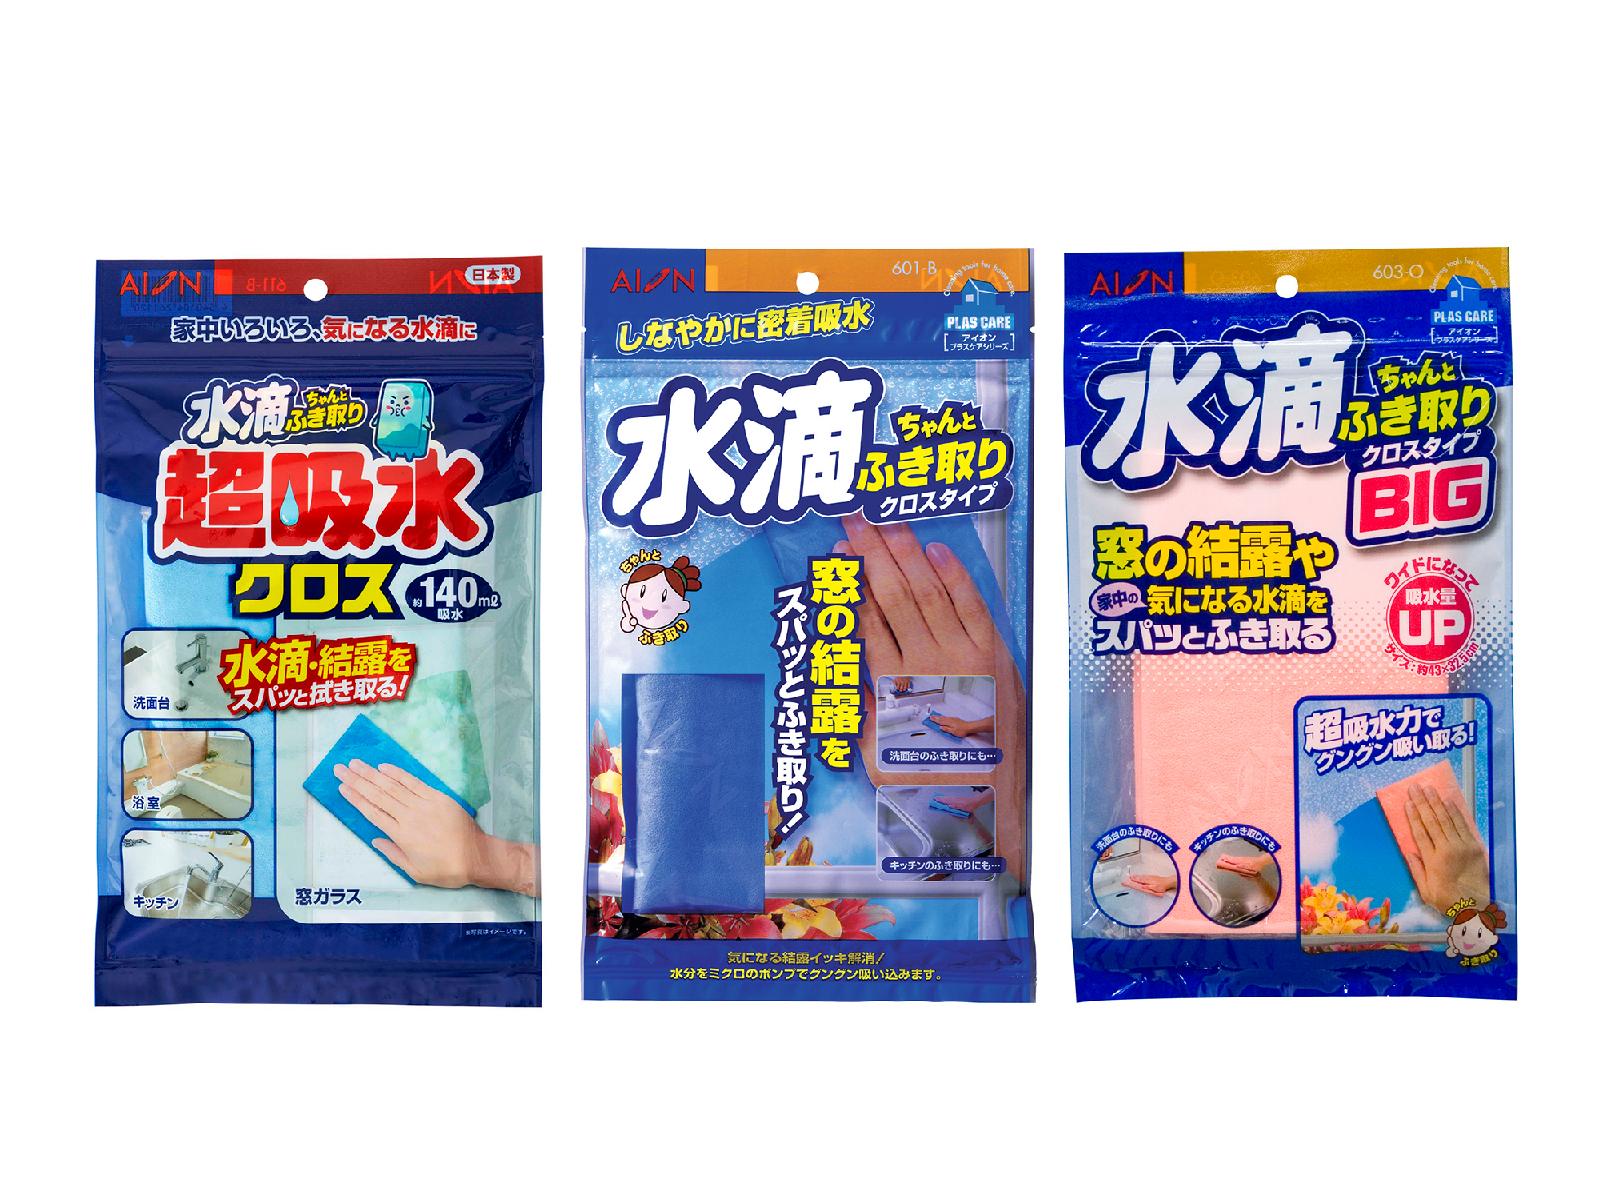 水滴ちゃんと拭き取りシリーズ(家庭内清掃用・結露吸収用スポンジクロス)